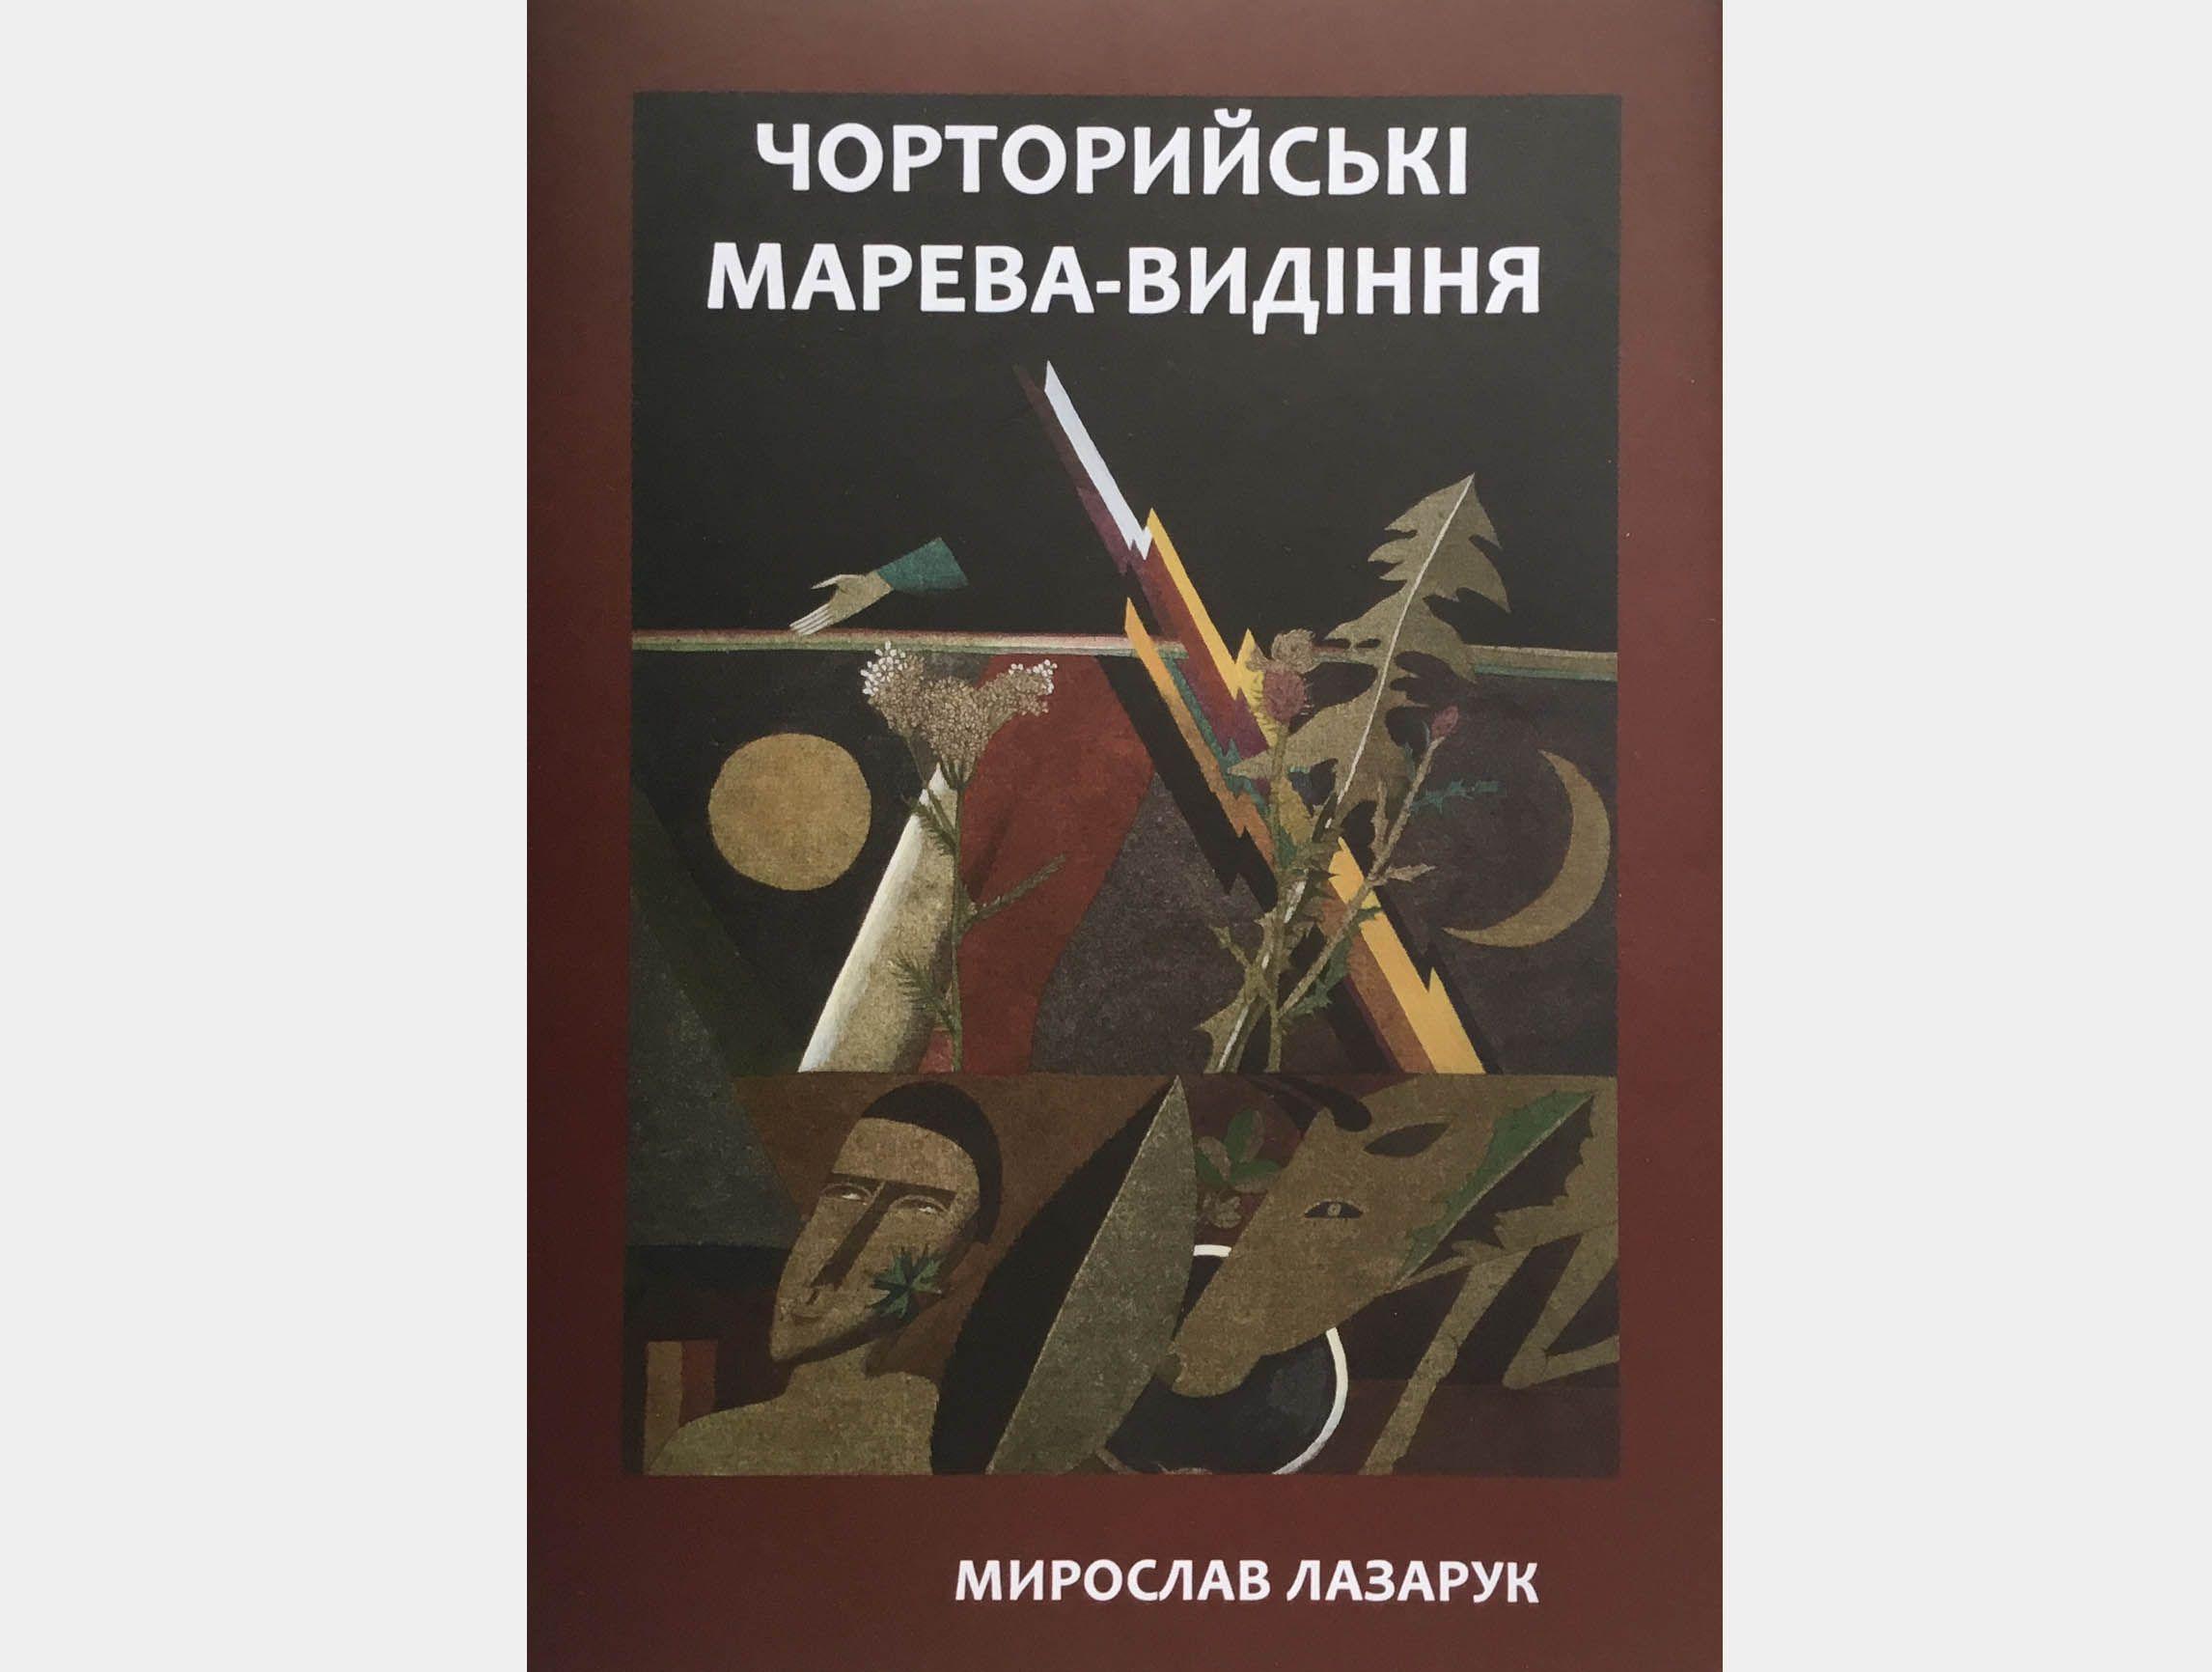 Іван Миколайчук, якого ми досі не знали